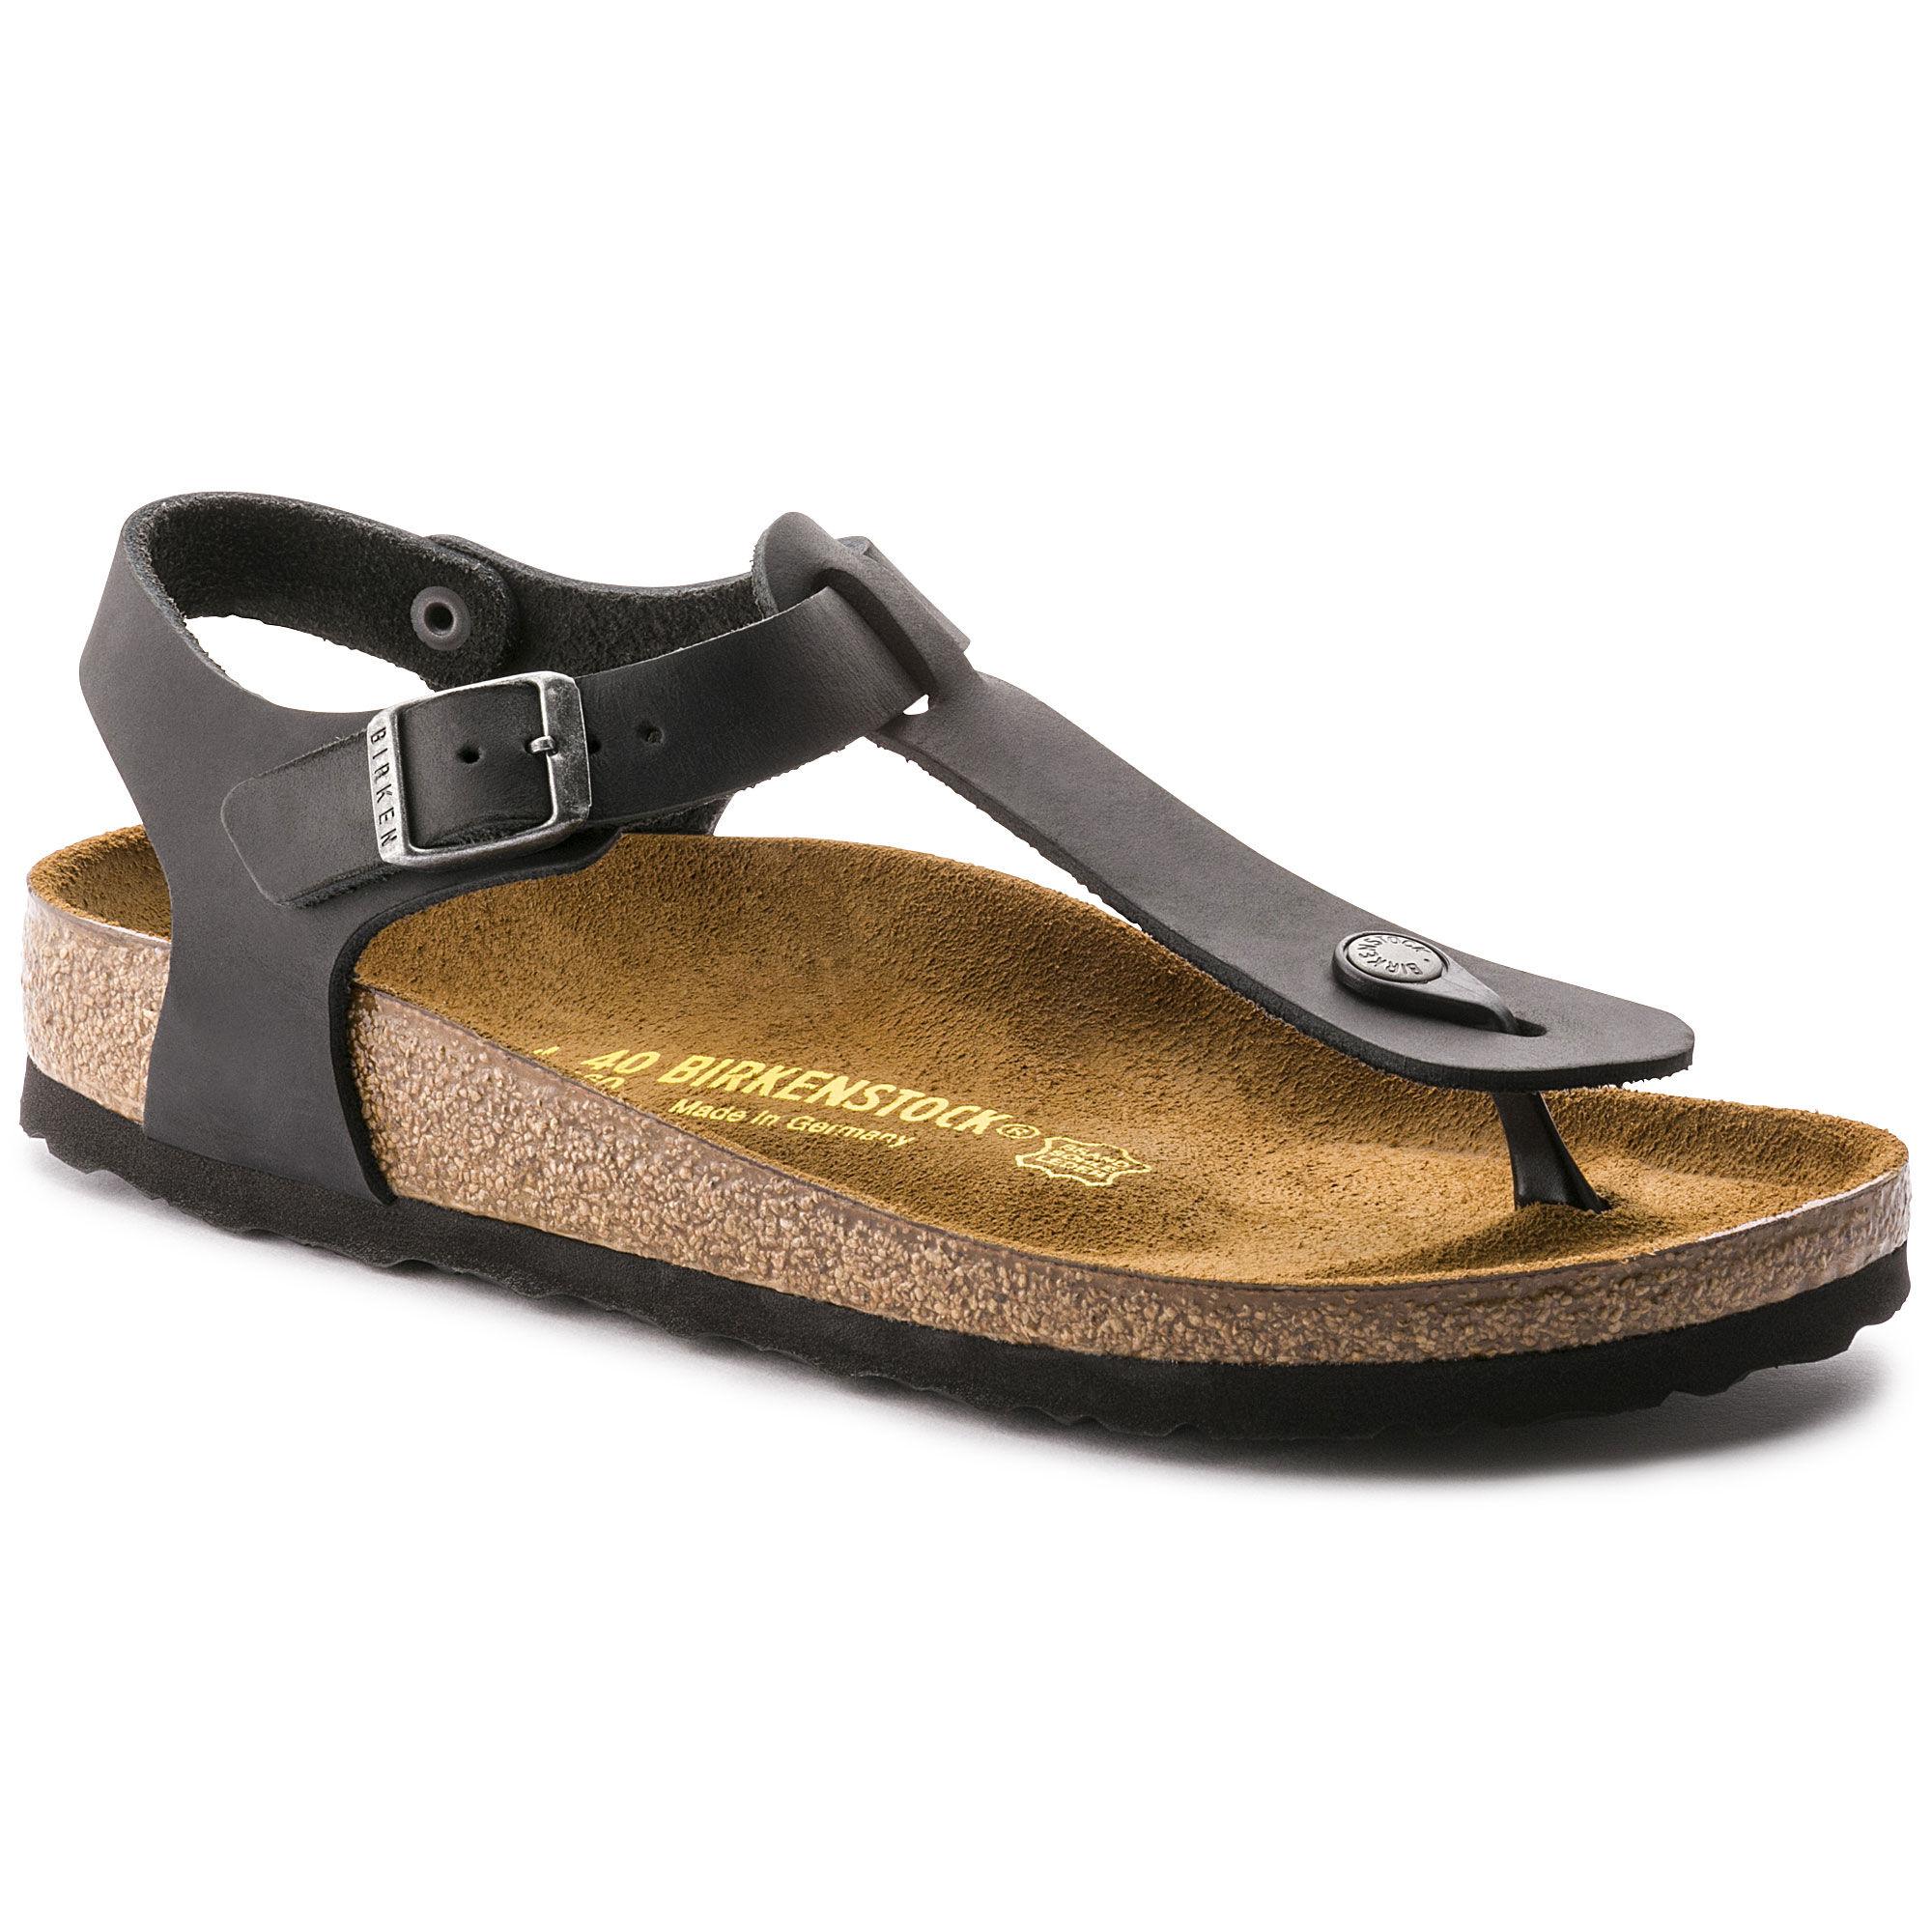 Birkenstock sandal (KAIRO OILED LEATHER), Men's Fashion